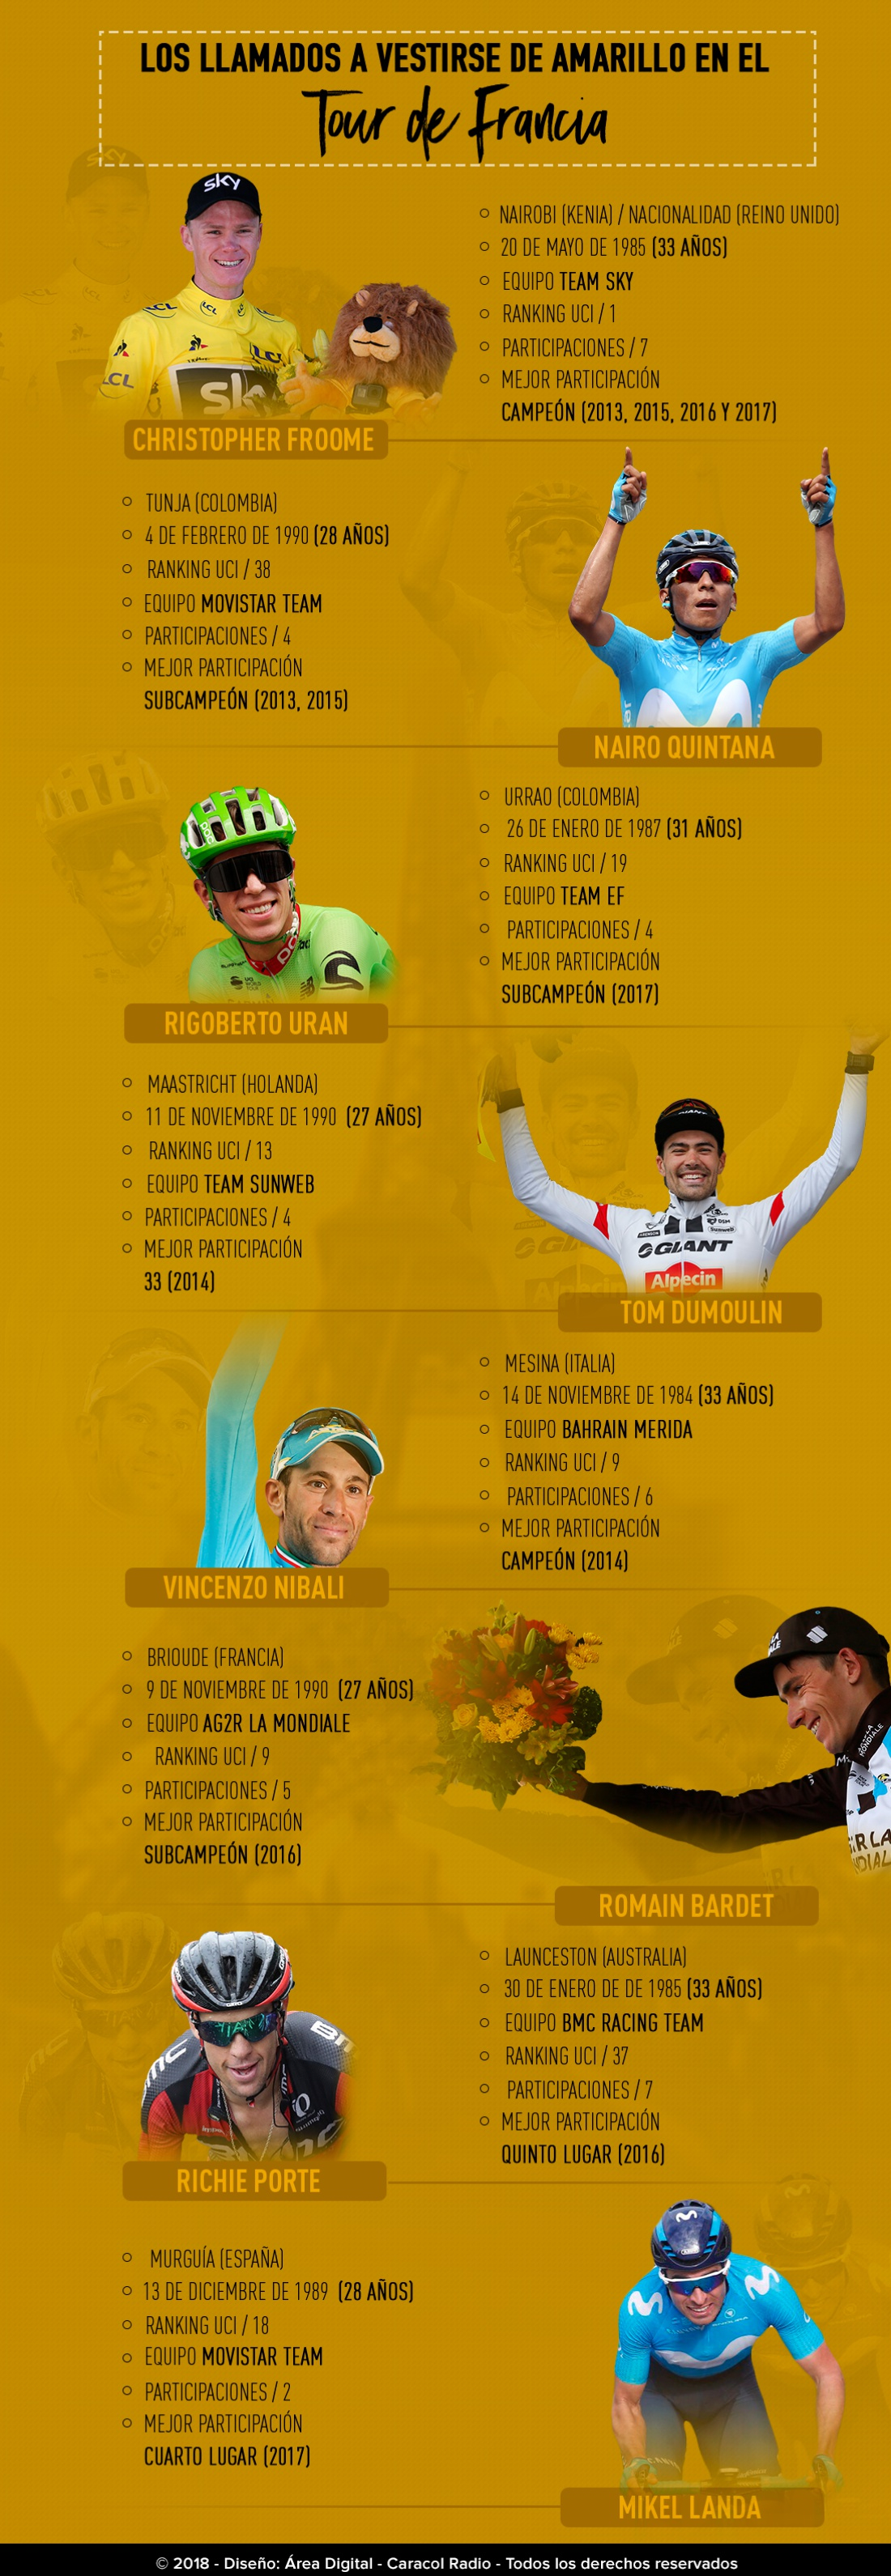 Favoritos Tour de Francia: Los llamados a vestirse de amarillo en el Tour de Francia